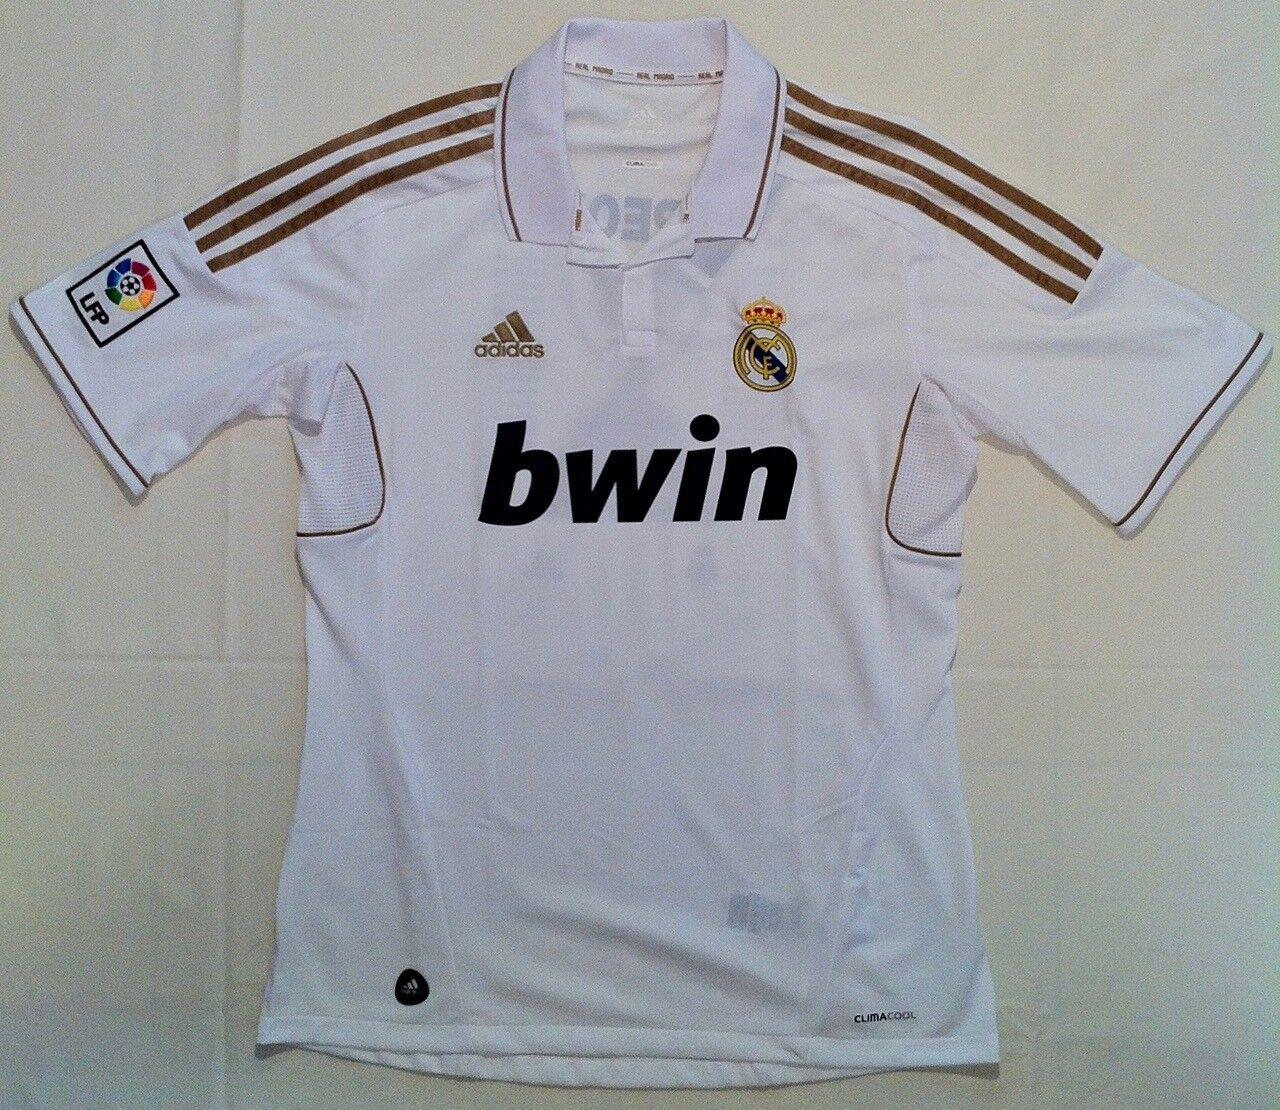 Camiseta conmemorativa del Real Madrid como campeón de Liga 2011 2012 (talla M)